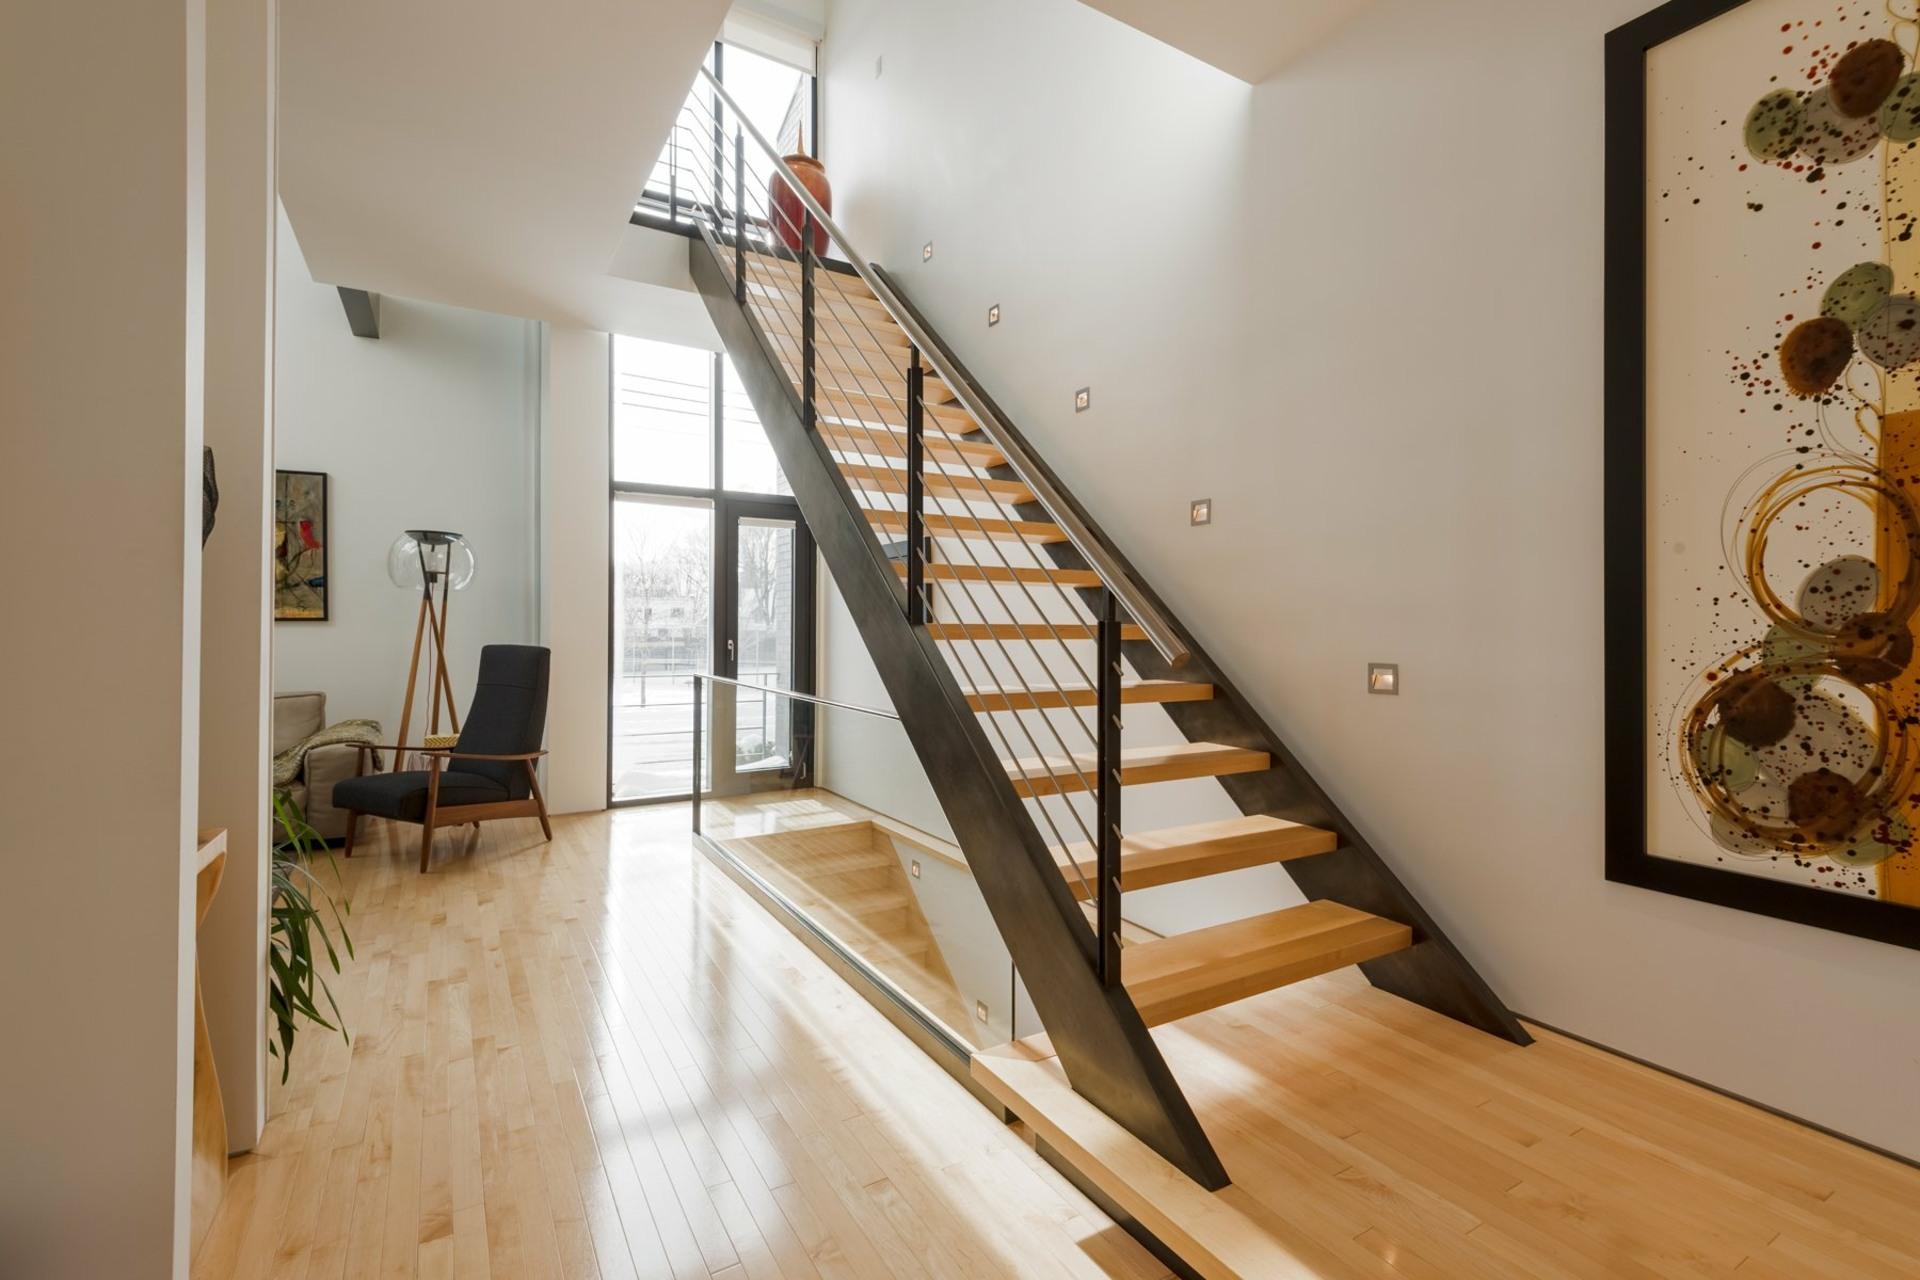 image 5 - House For sale Montréal Côte-des-Neiges/Notre-Dame-de-Grâce  - 9 rooms